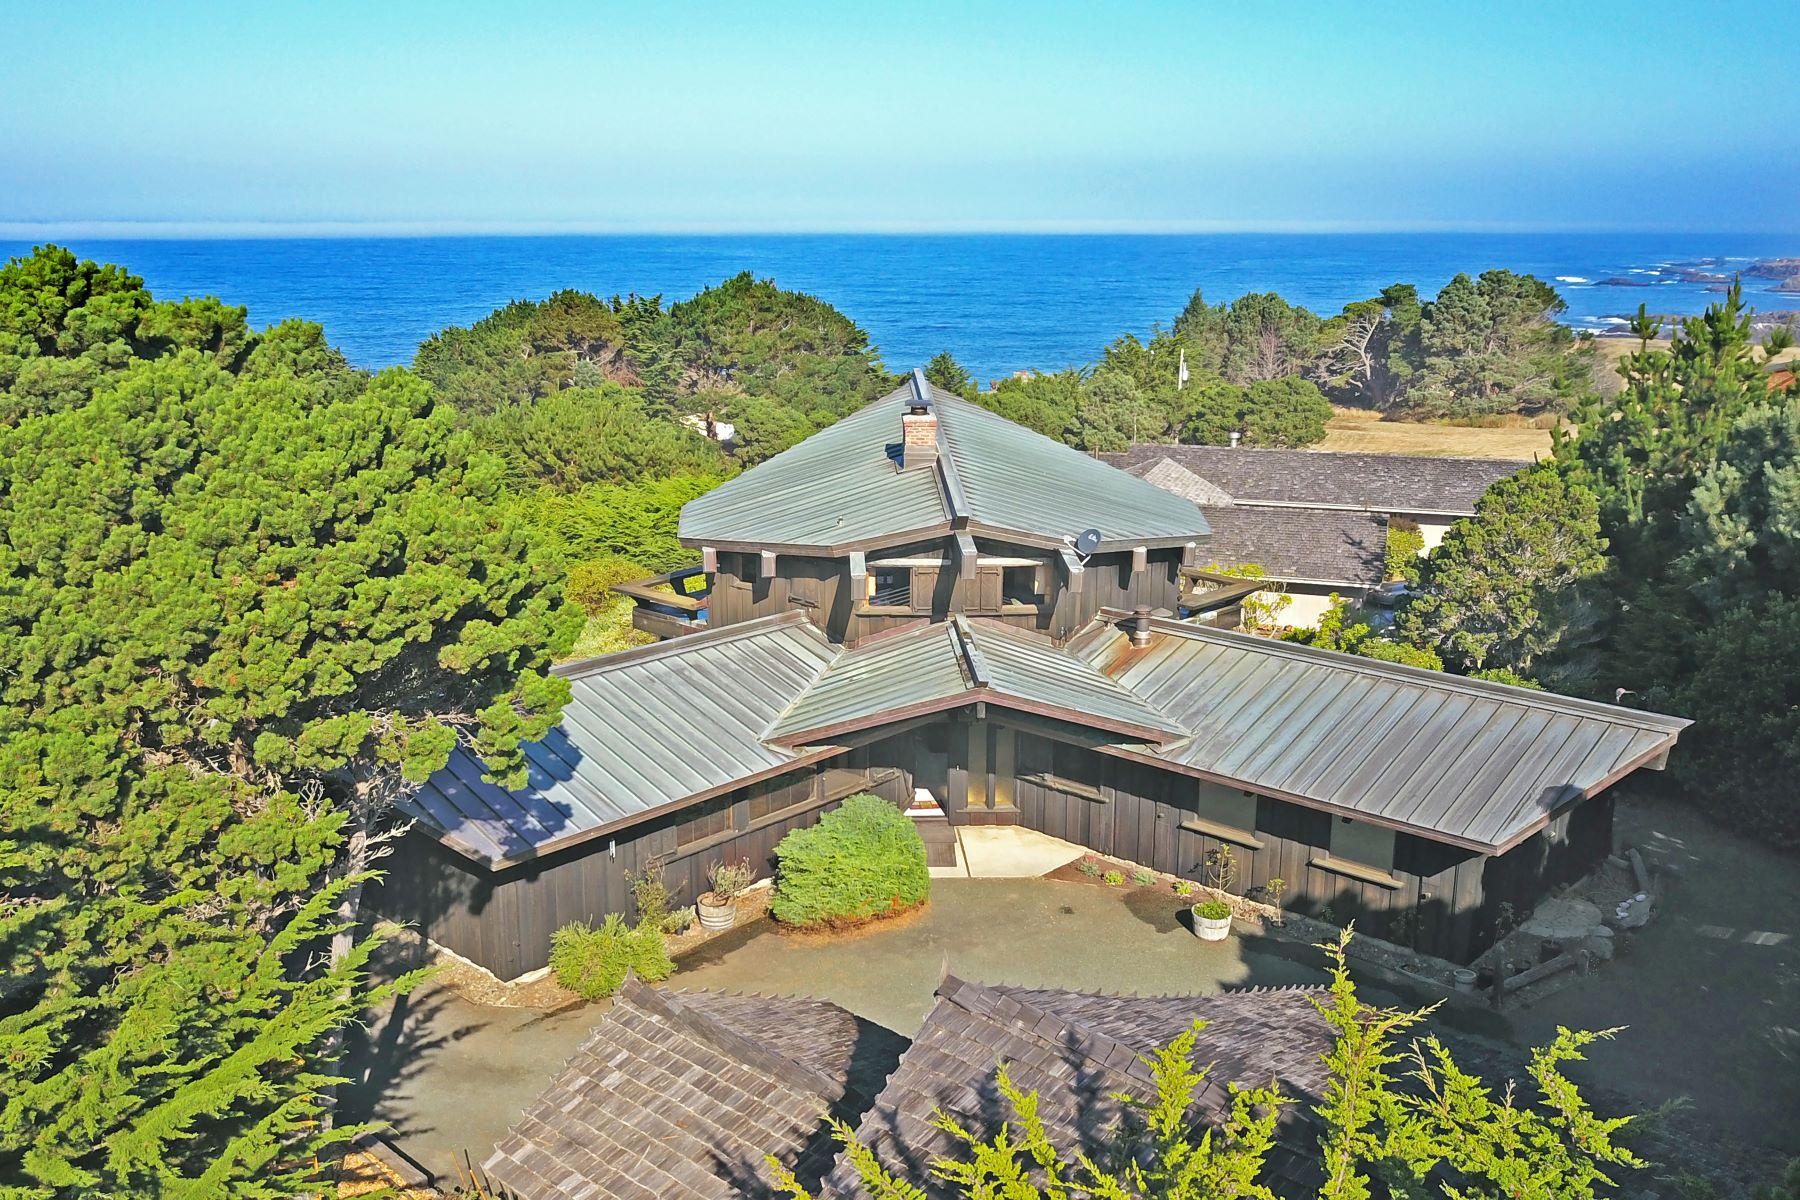 独户住宅 为 销售 在 Ocean View Timbers 45621 Cypress Drive Mendocino, 加利福尼亚州 95460 美国